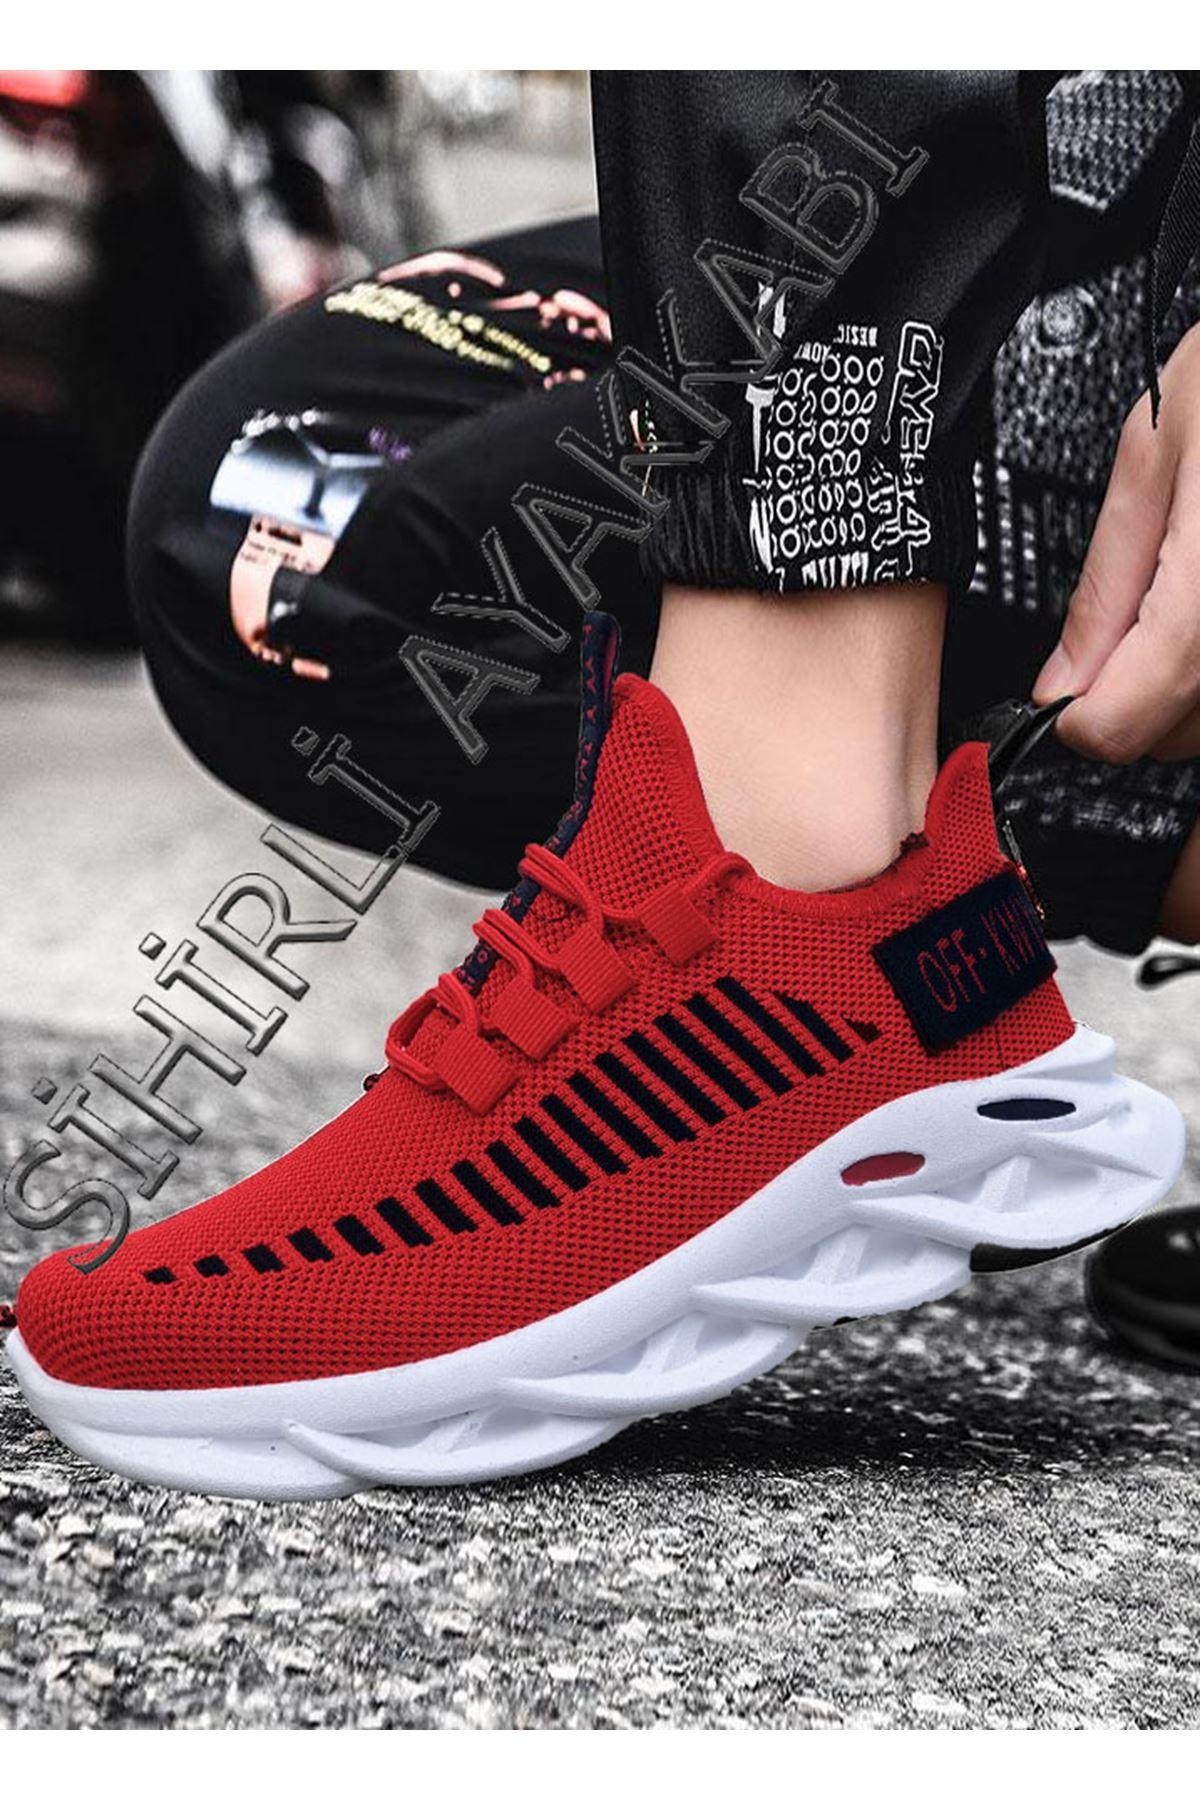 Boy Uzatan Kırmızı Örme Triko Tekno Erkek Spor Ayakkabı